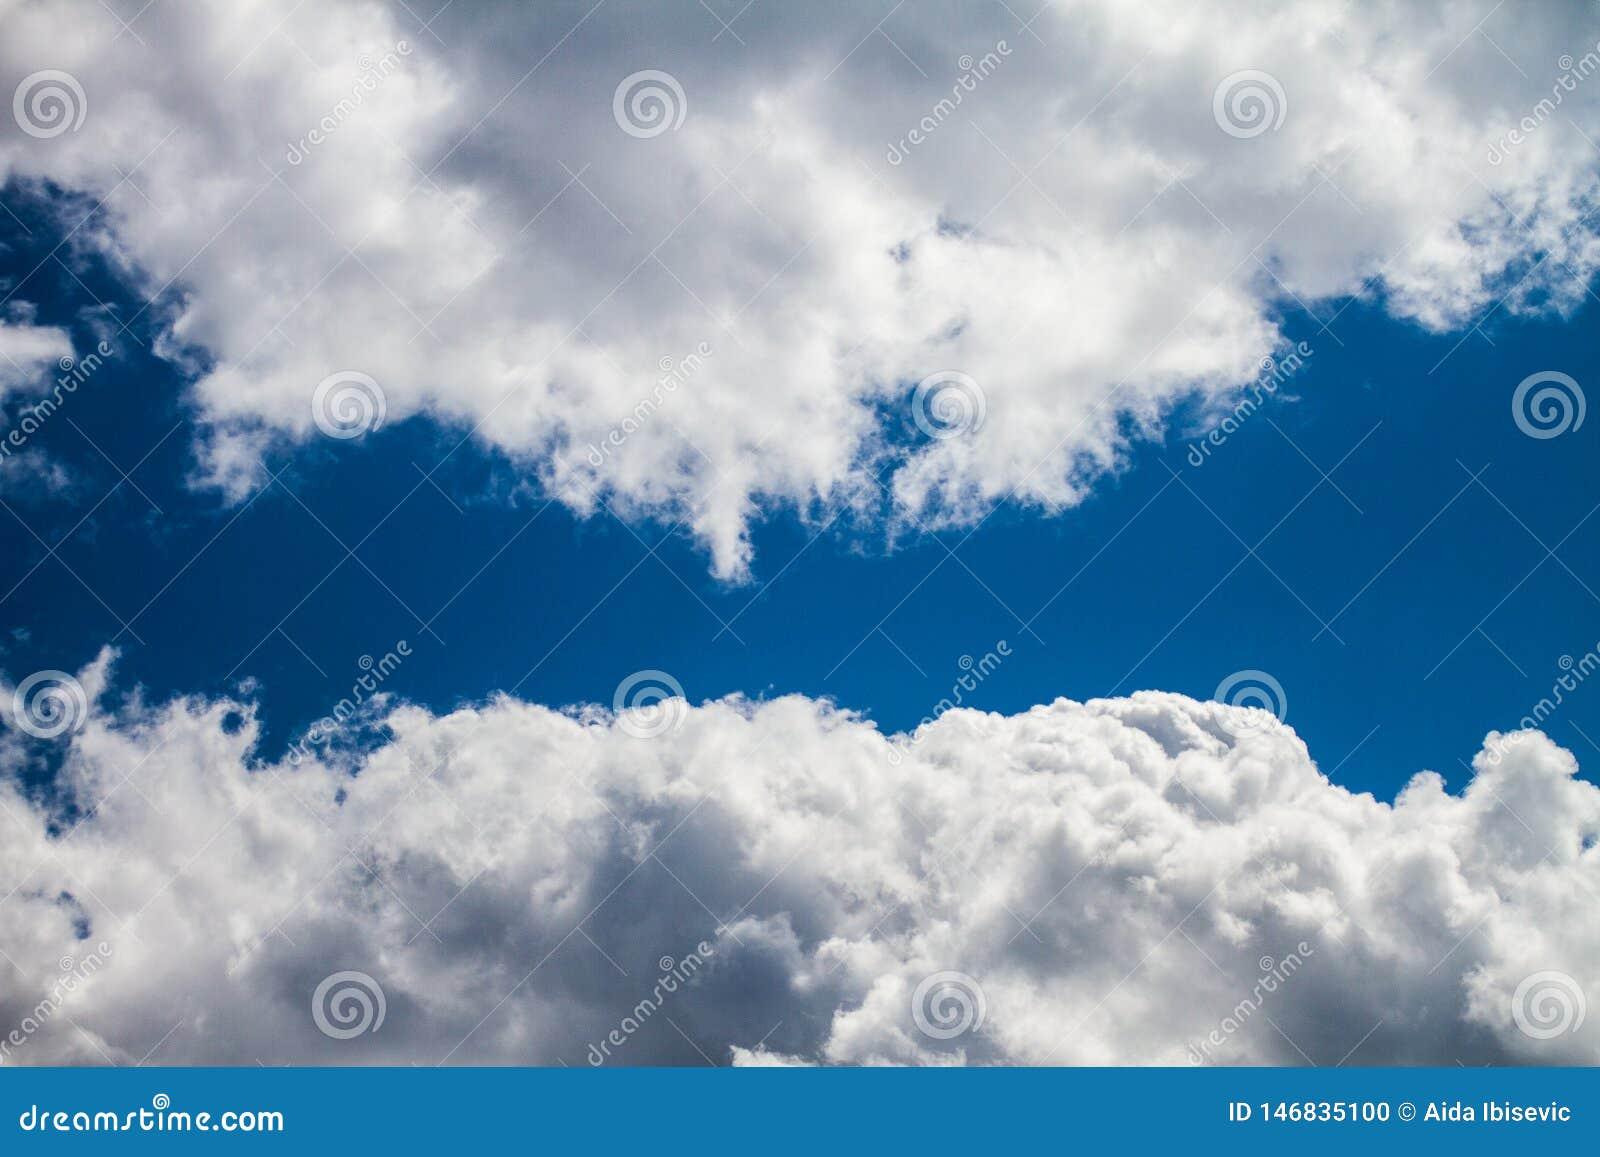 Nuvens de Celestial Navy Blue Sky With